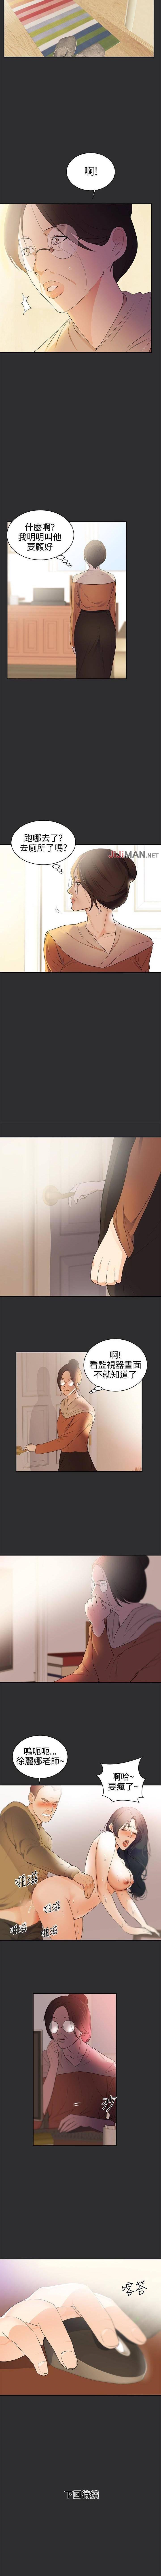 【已完结】性癖好(作者:主寧 & 洗髮精) 第1~30话 101